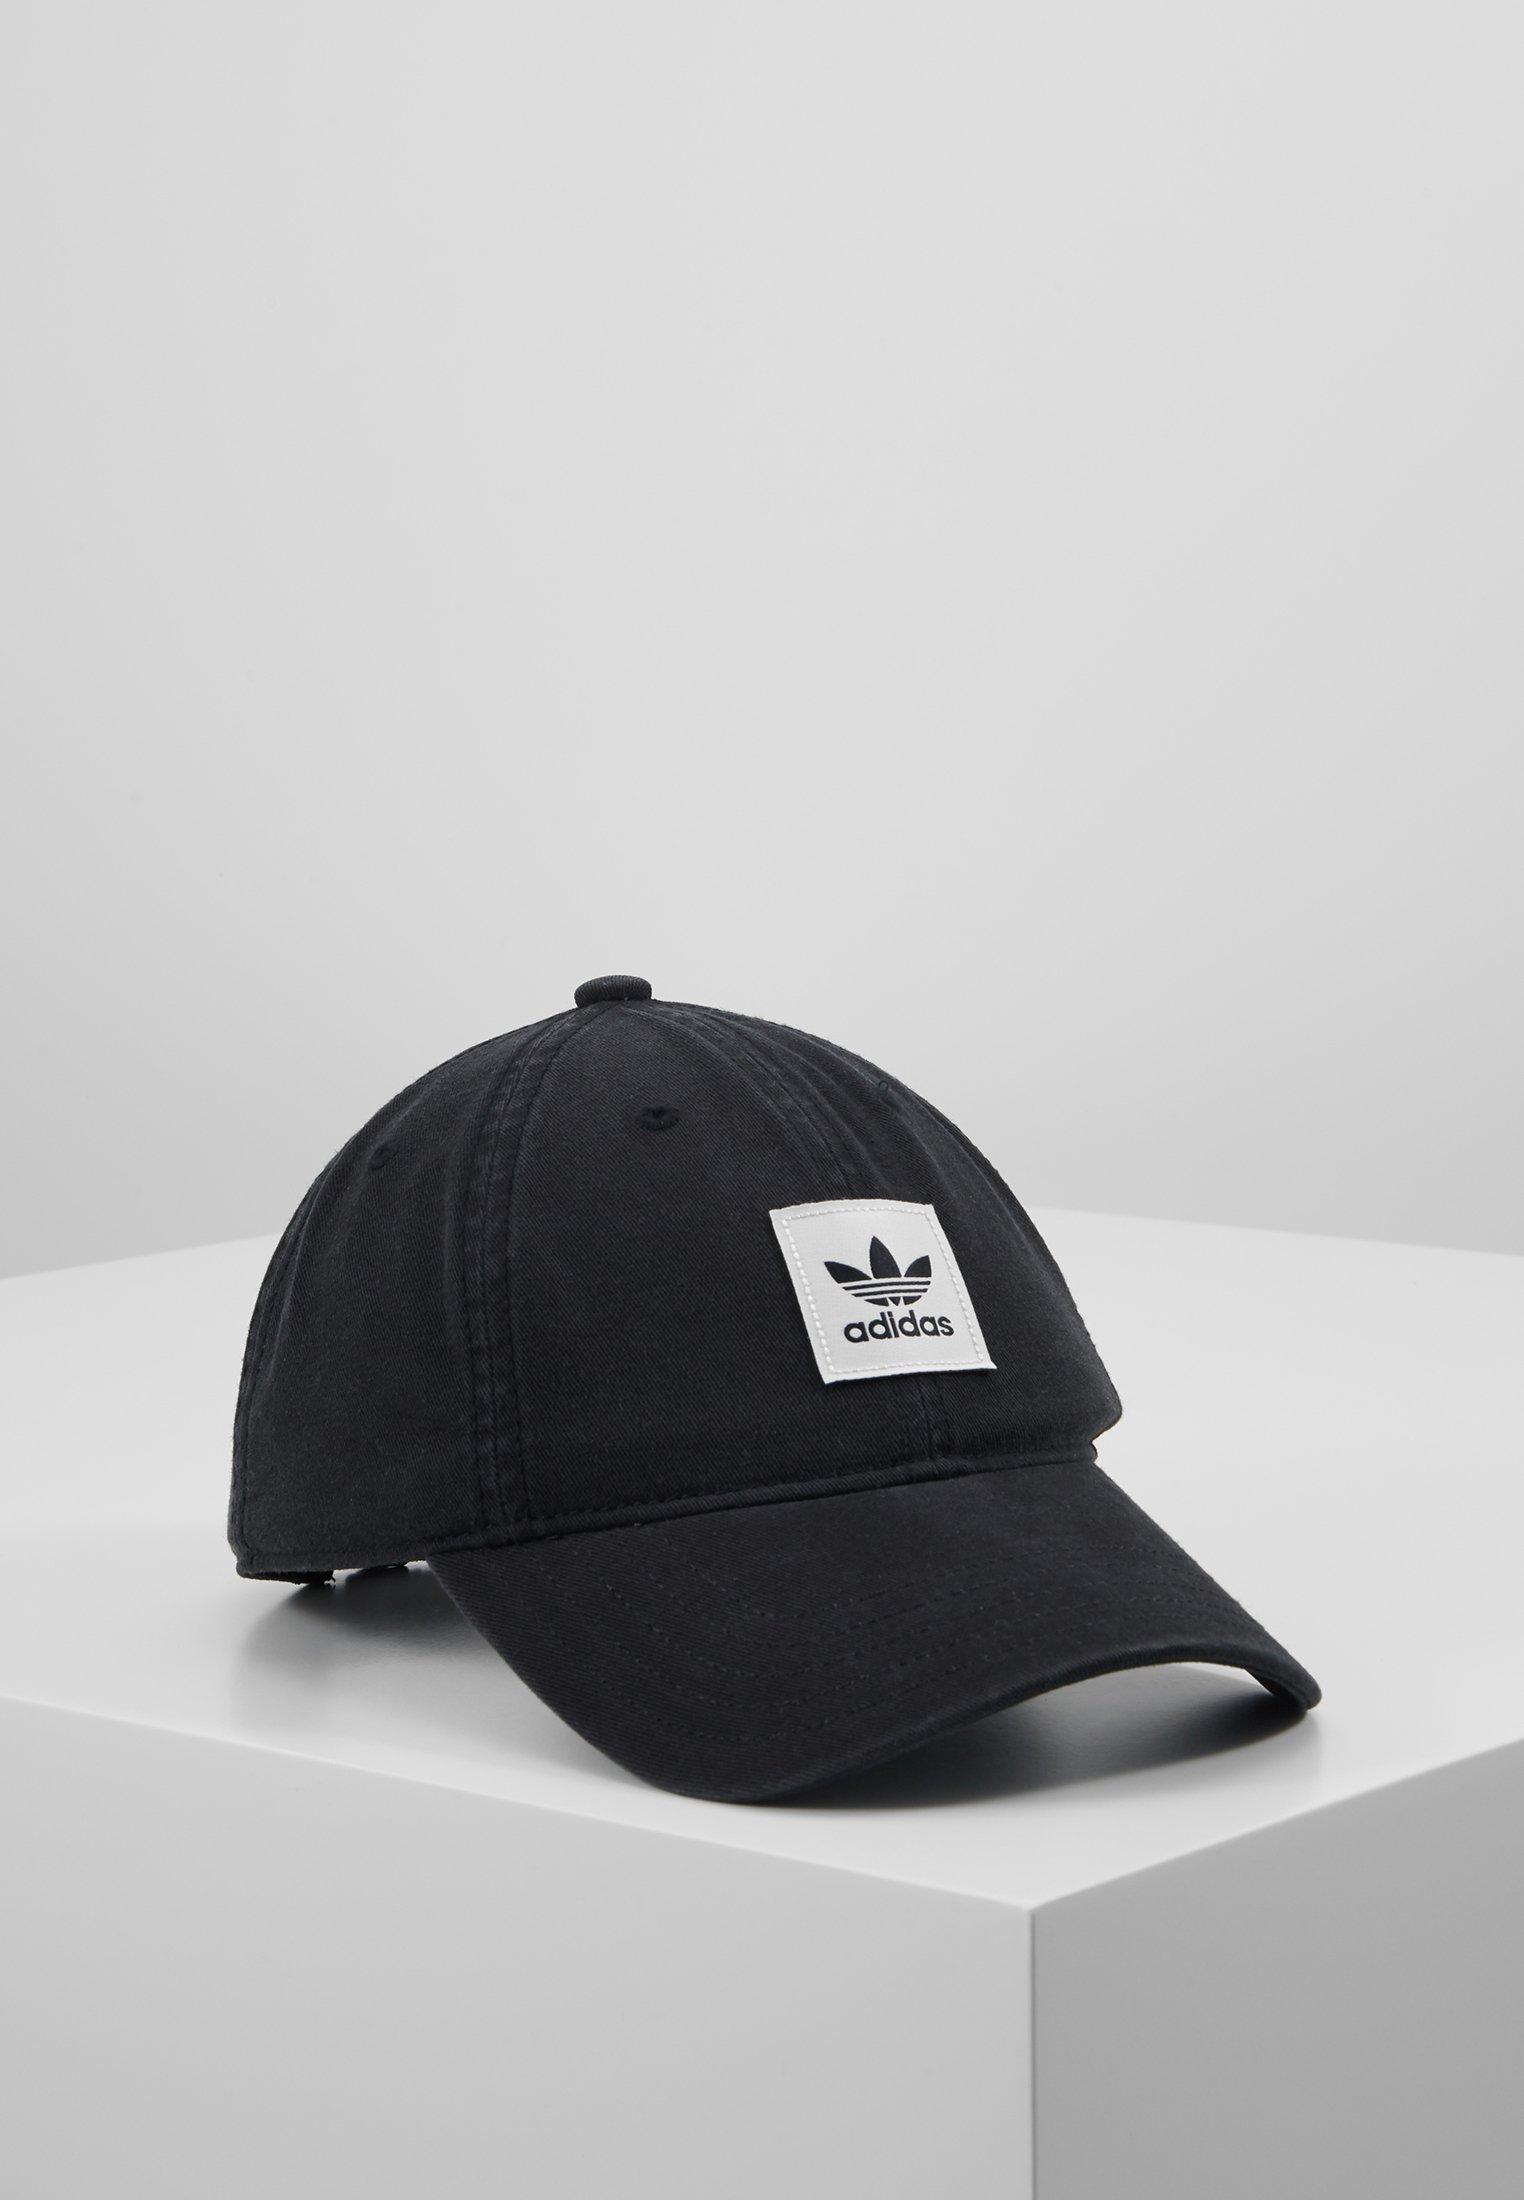 adidas Originals WASHED DAD Cap black